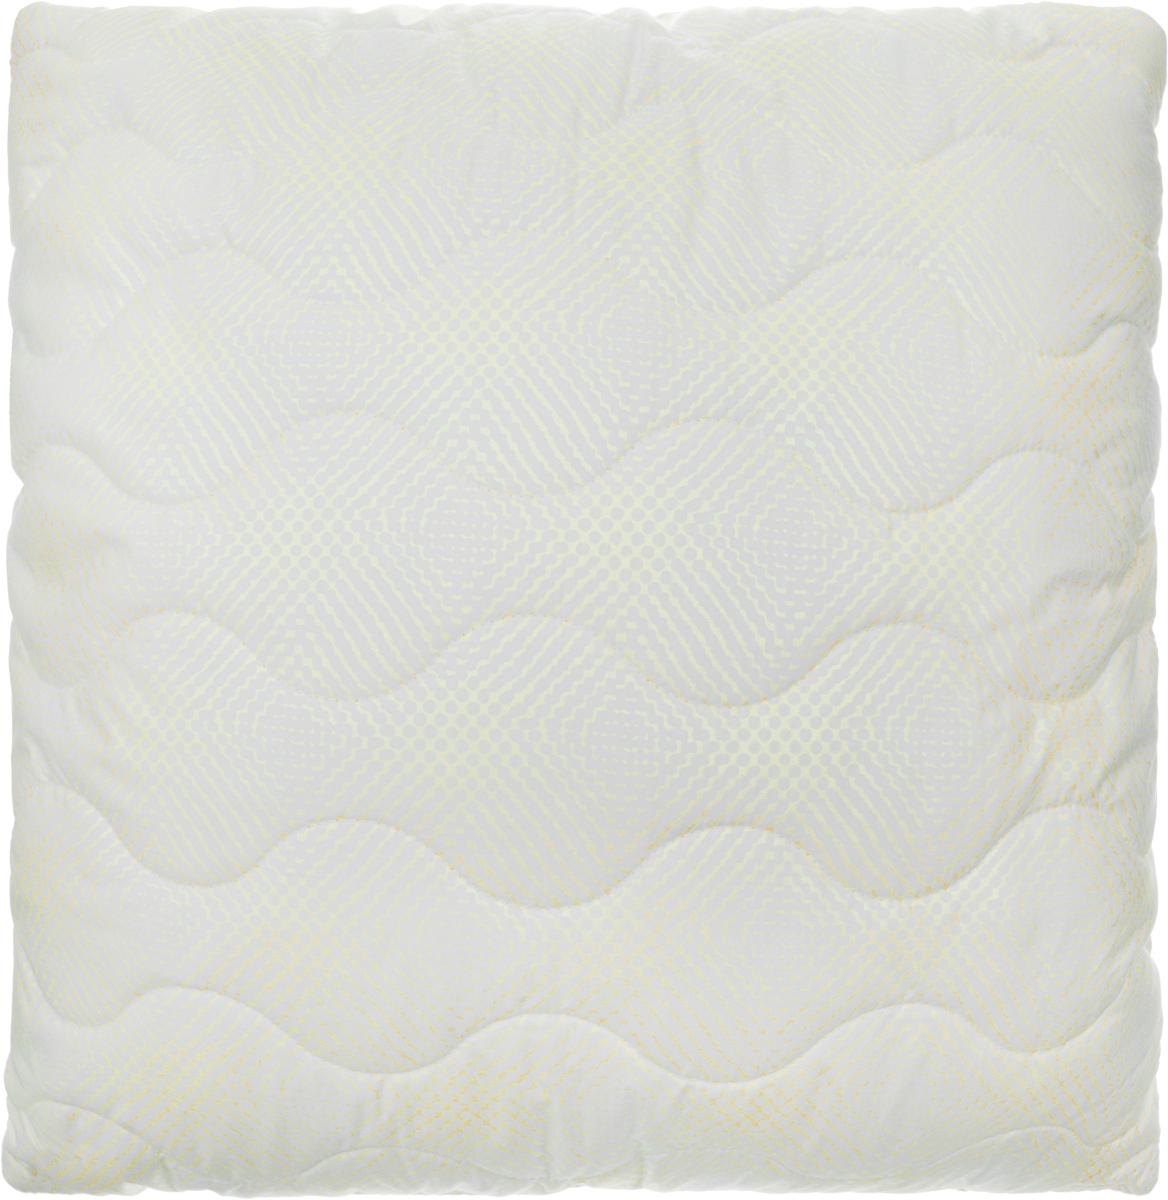 Подушка Ecotex Бамбук - Комфорт, наполнитель: полиэстер, 68 х 68 см подушка ecotex эдда наполнитель пух 68 х 68 см